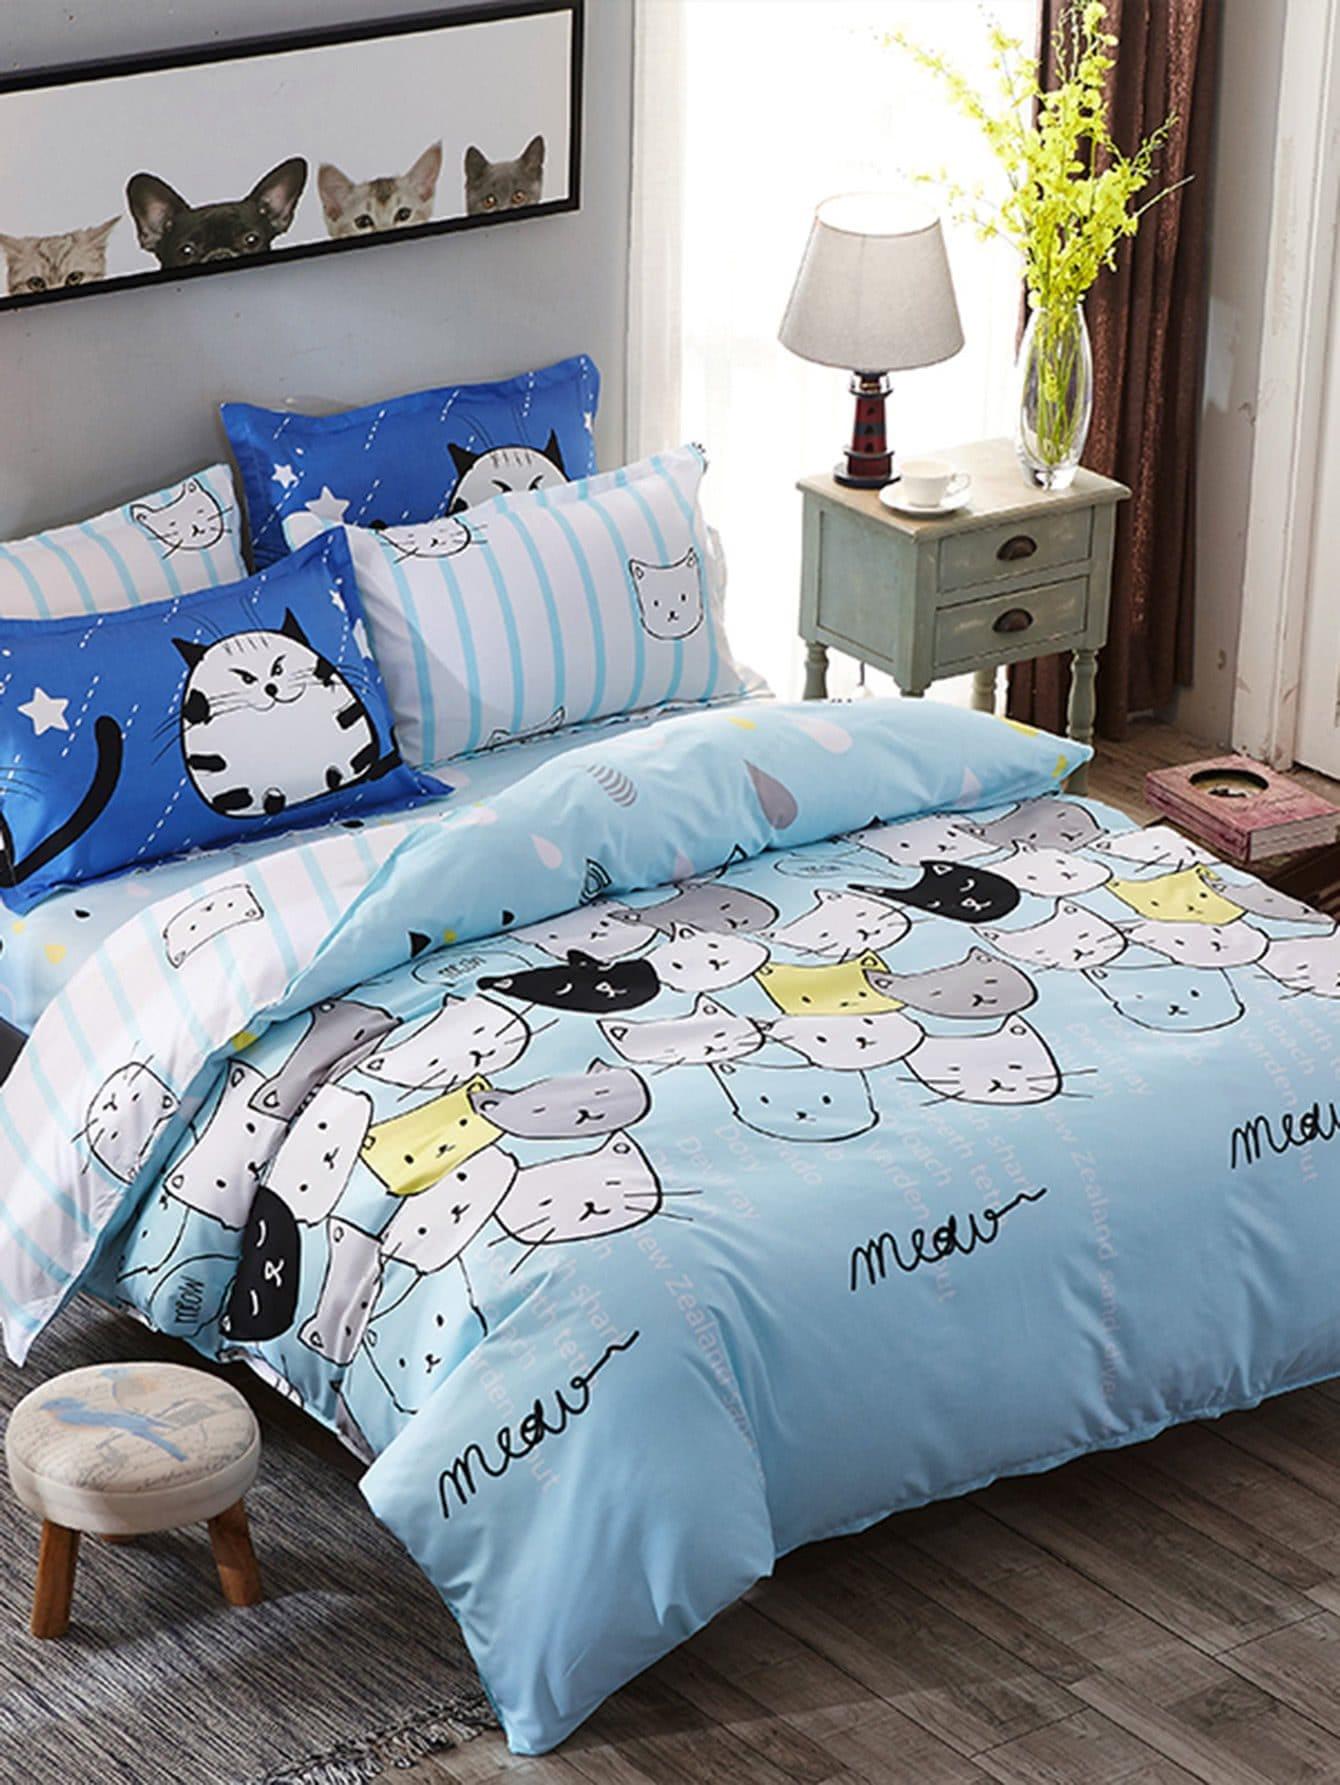 Купить Комплект для кровати с принтом кошки, null, SheIn